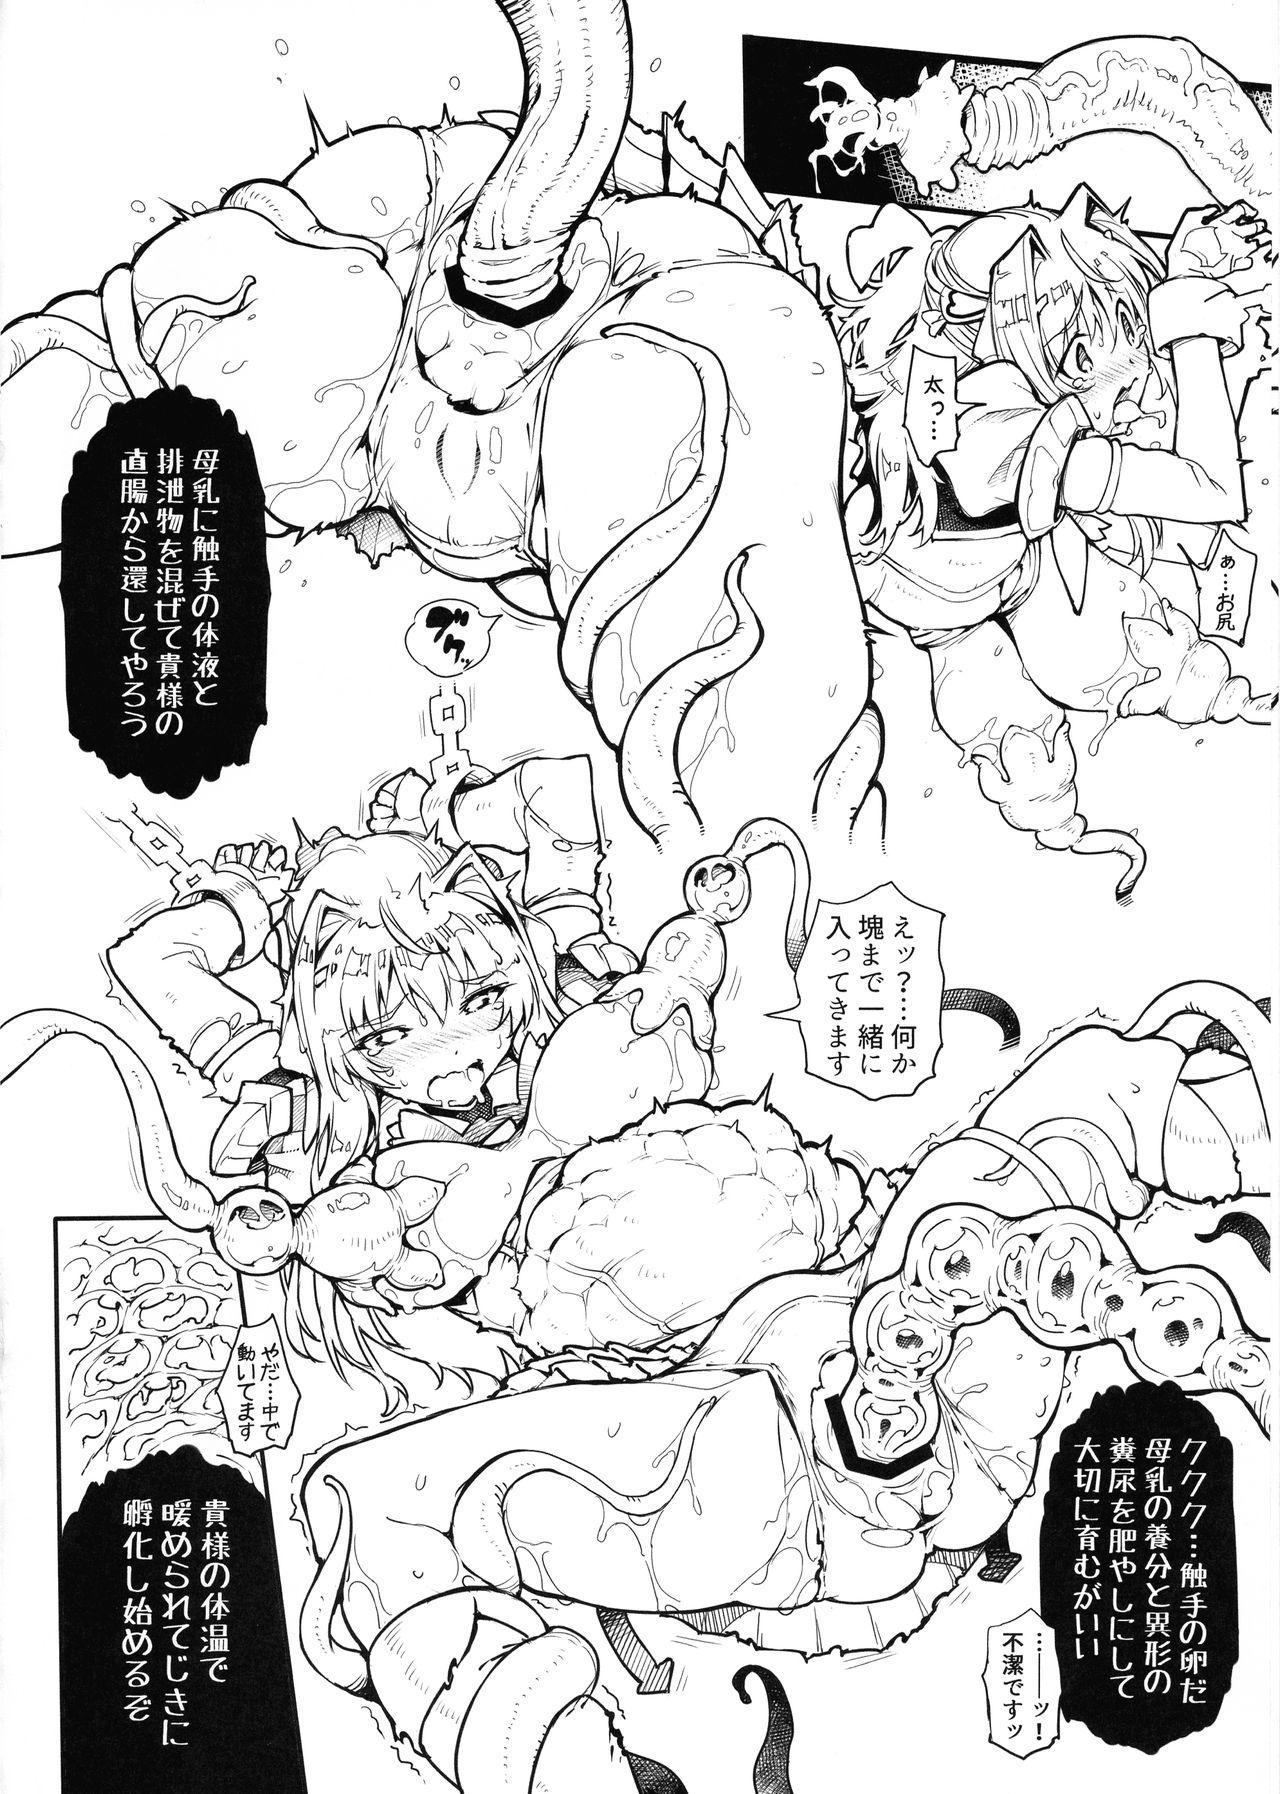 (Chou Comic Treasure 2020) [ONEGROSS (144)] Choukou Inbou -Beat inflation- LV2 (Choukou Tenshi Escalayer) 5